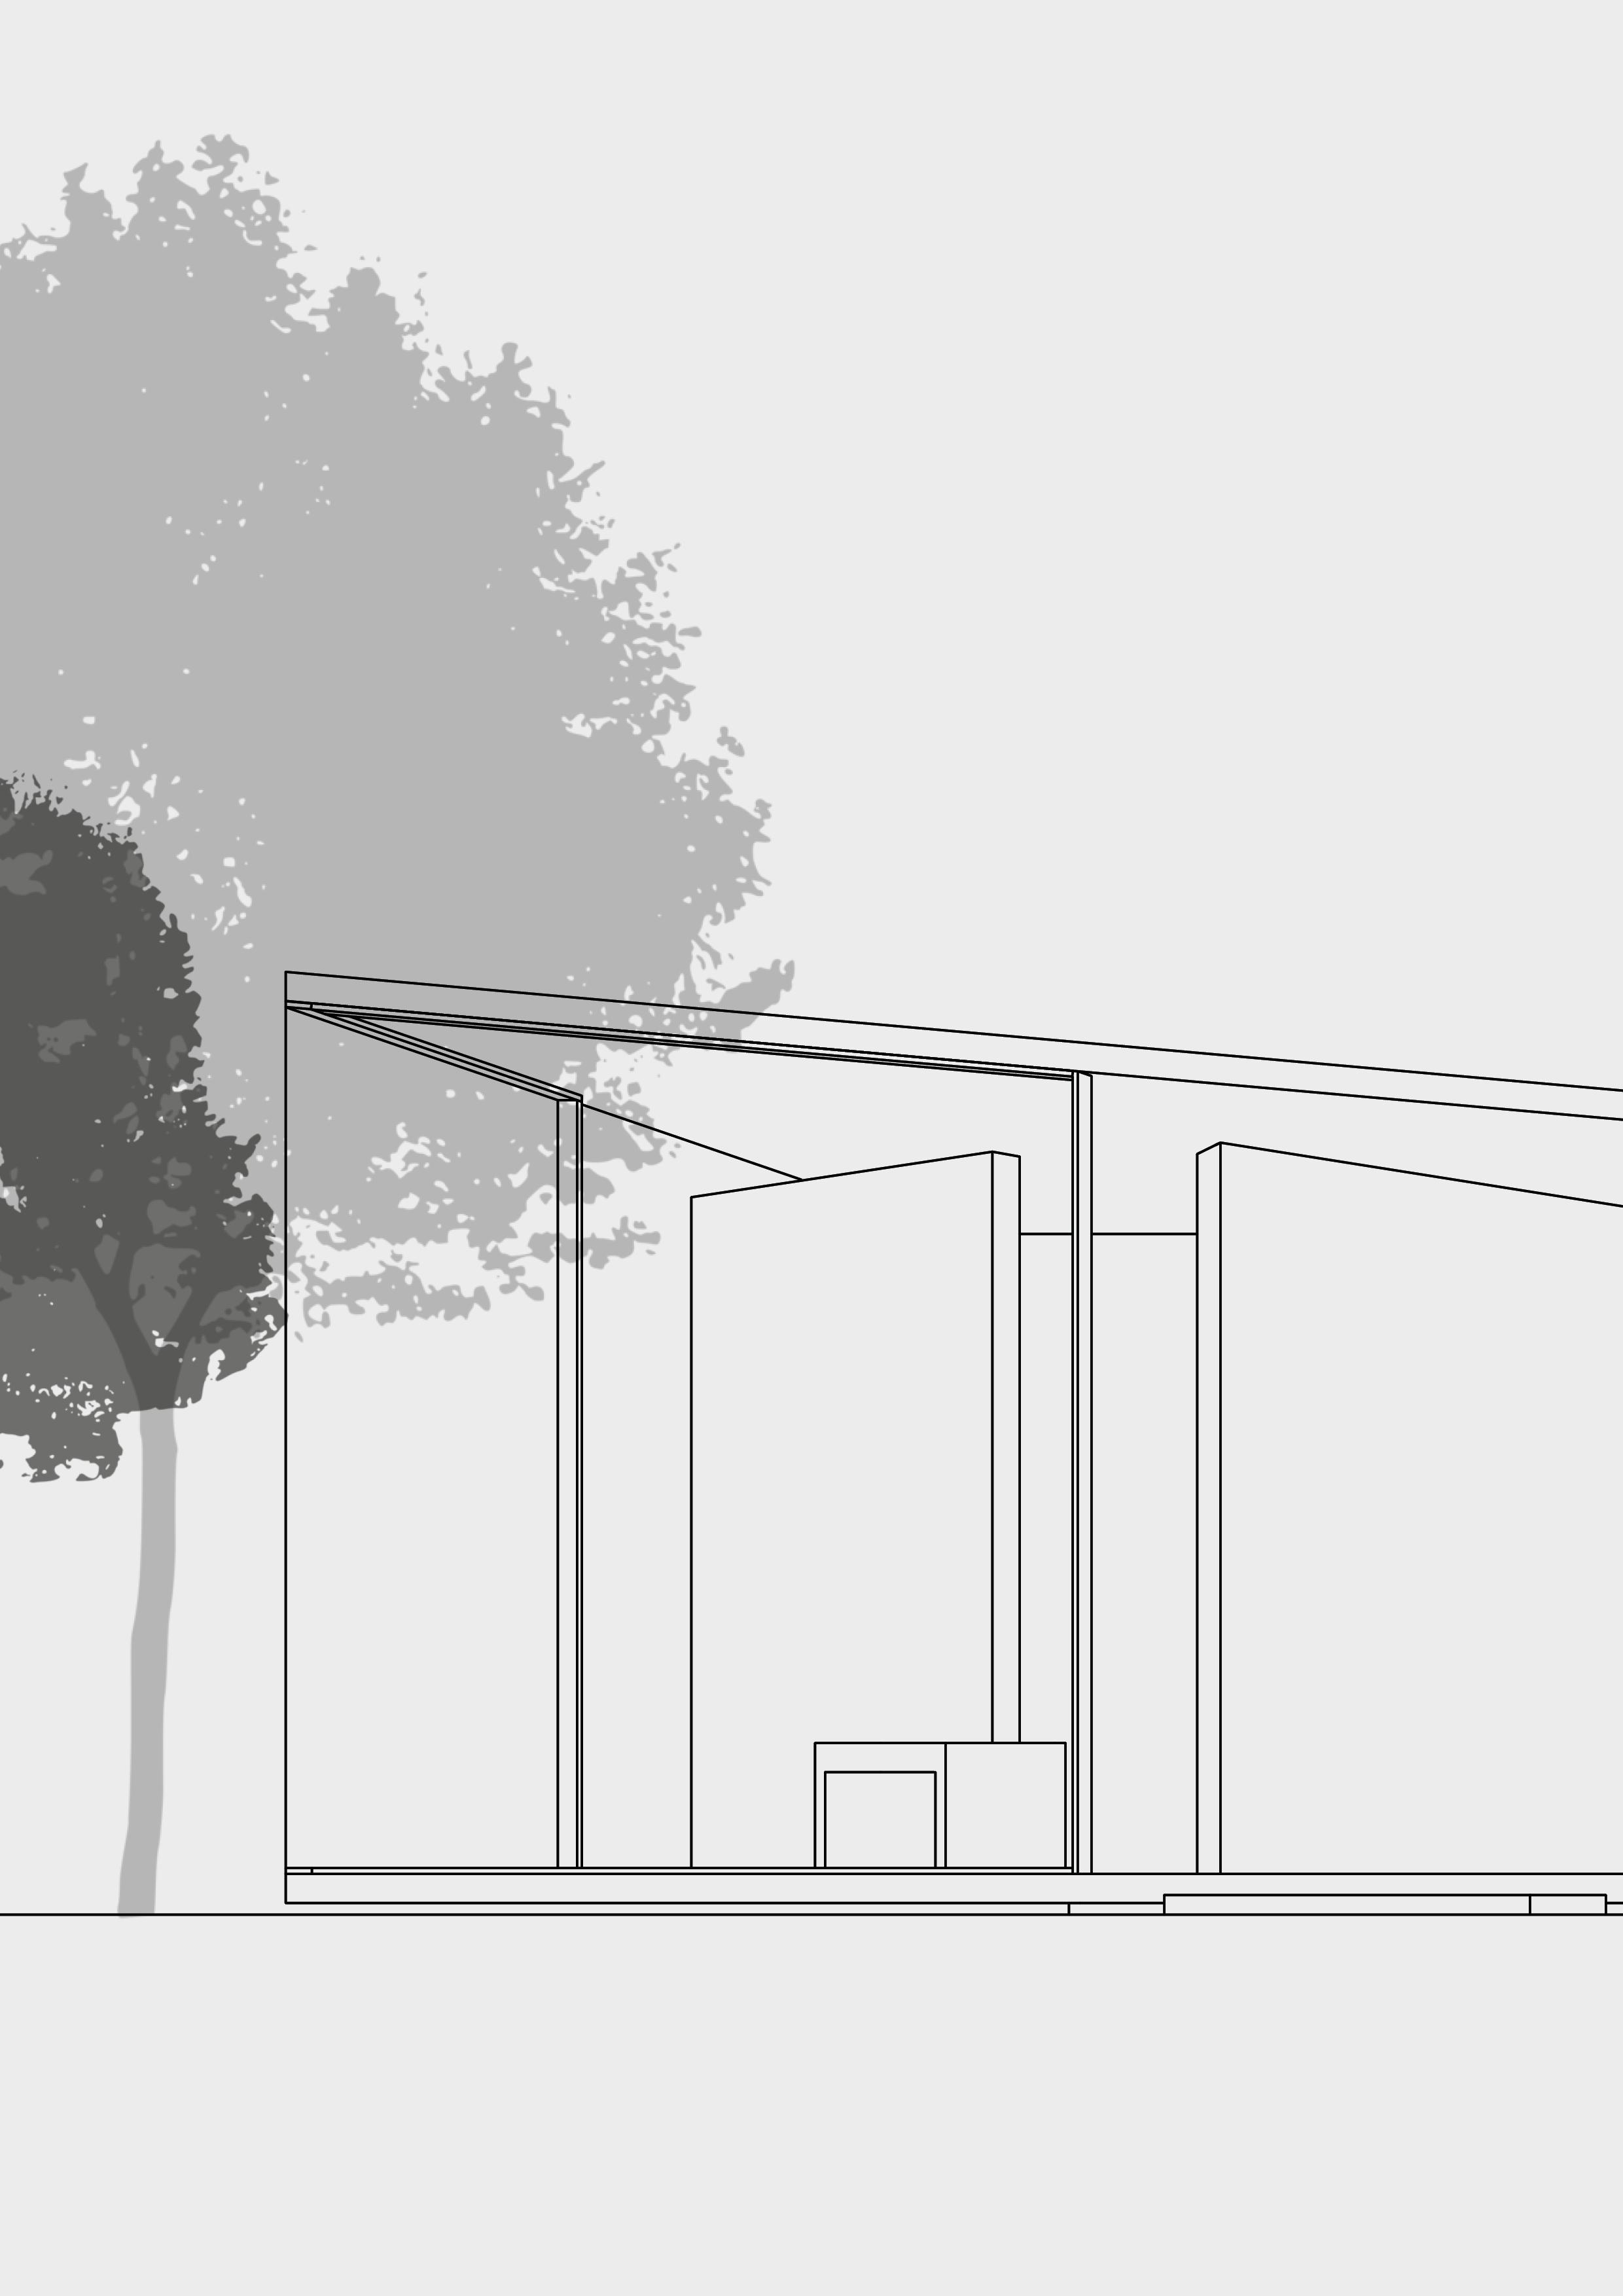 plane spotter - architecture